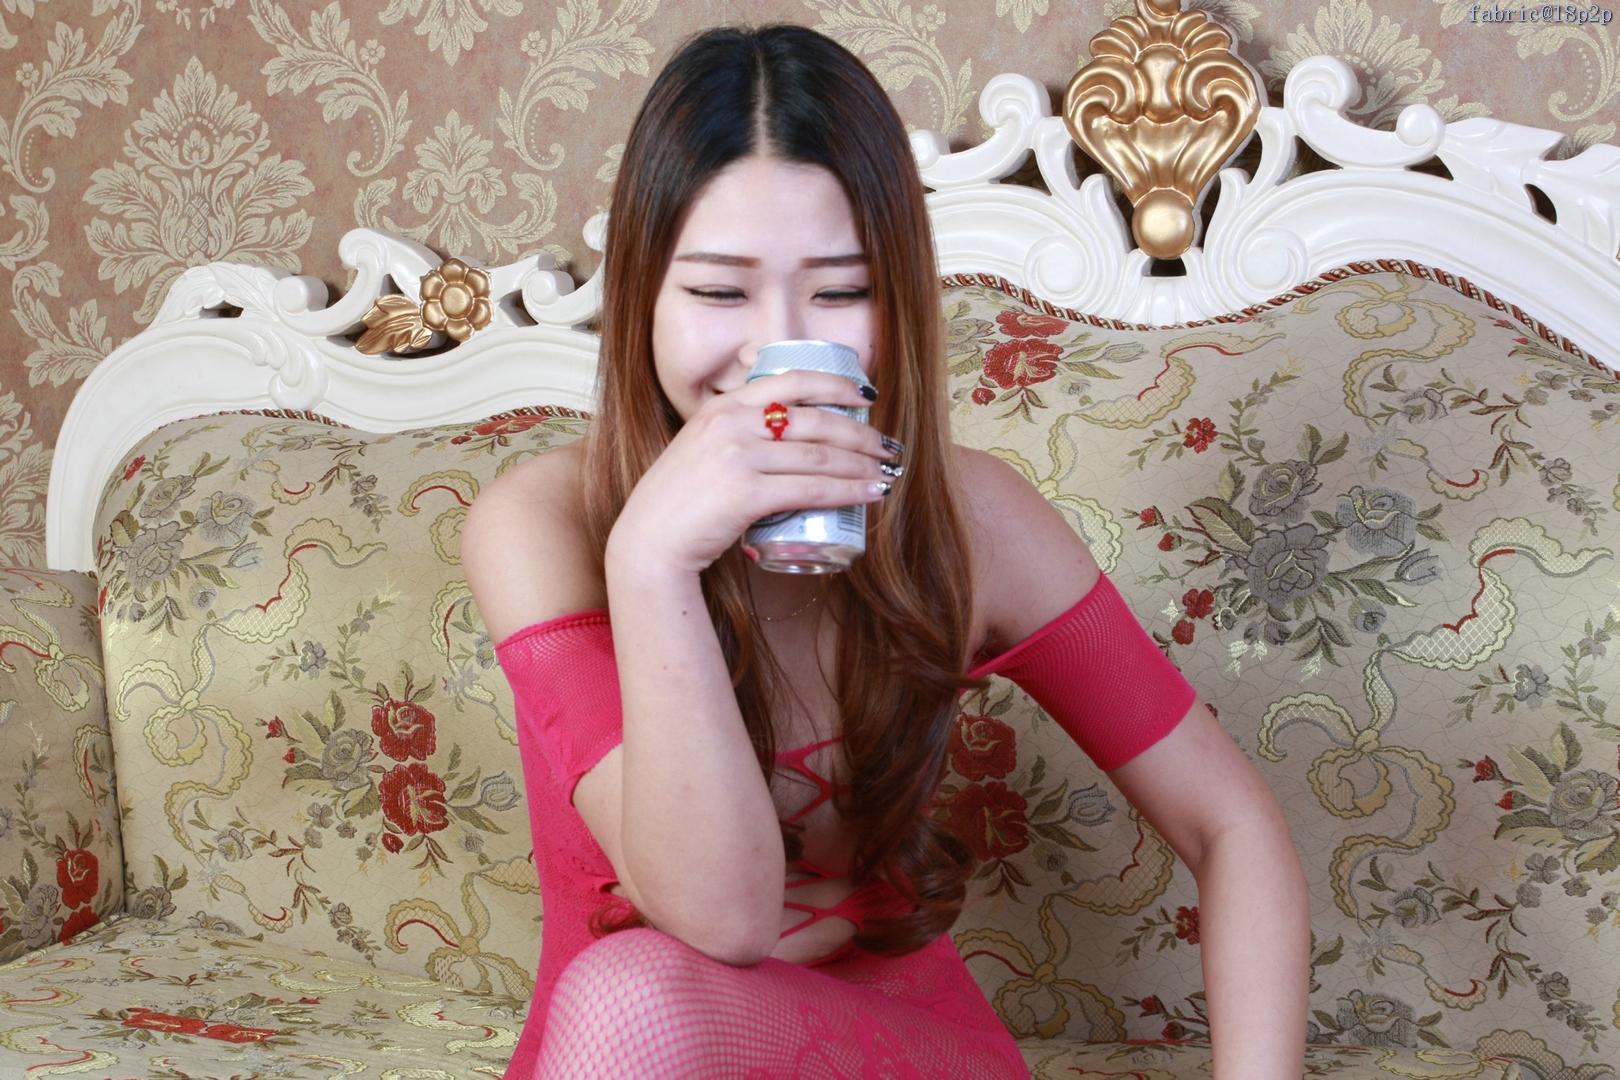 [国模][杨丽]靓丽少妇露出诱人的美乳、美鲍私拍套图001 [100P]